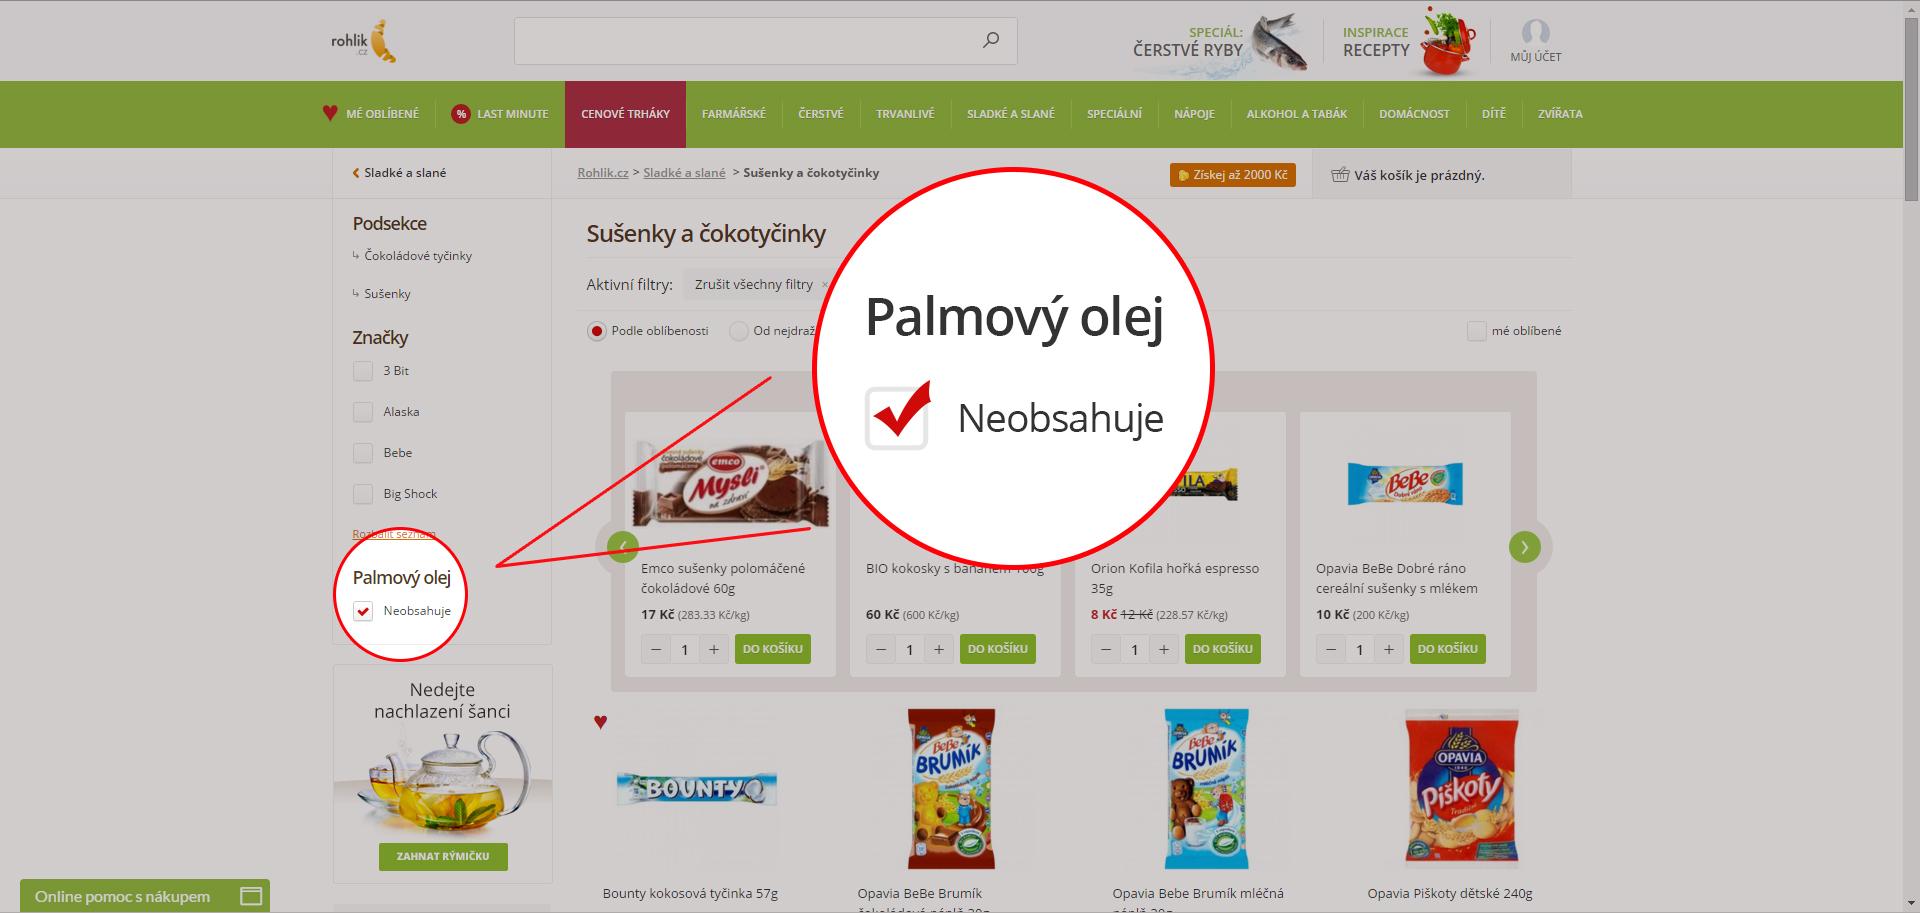 Rohlik.cz: 95 % zákazníků se vyhýbá palmovému oleji